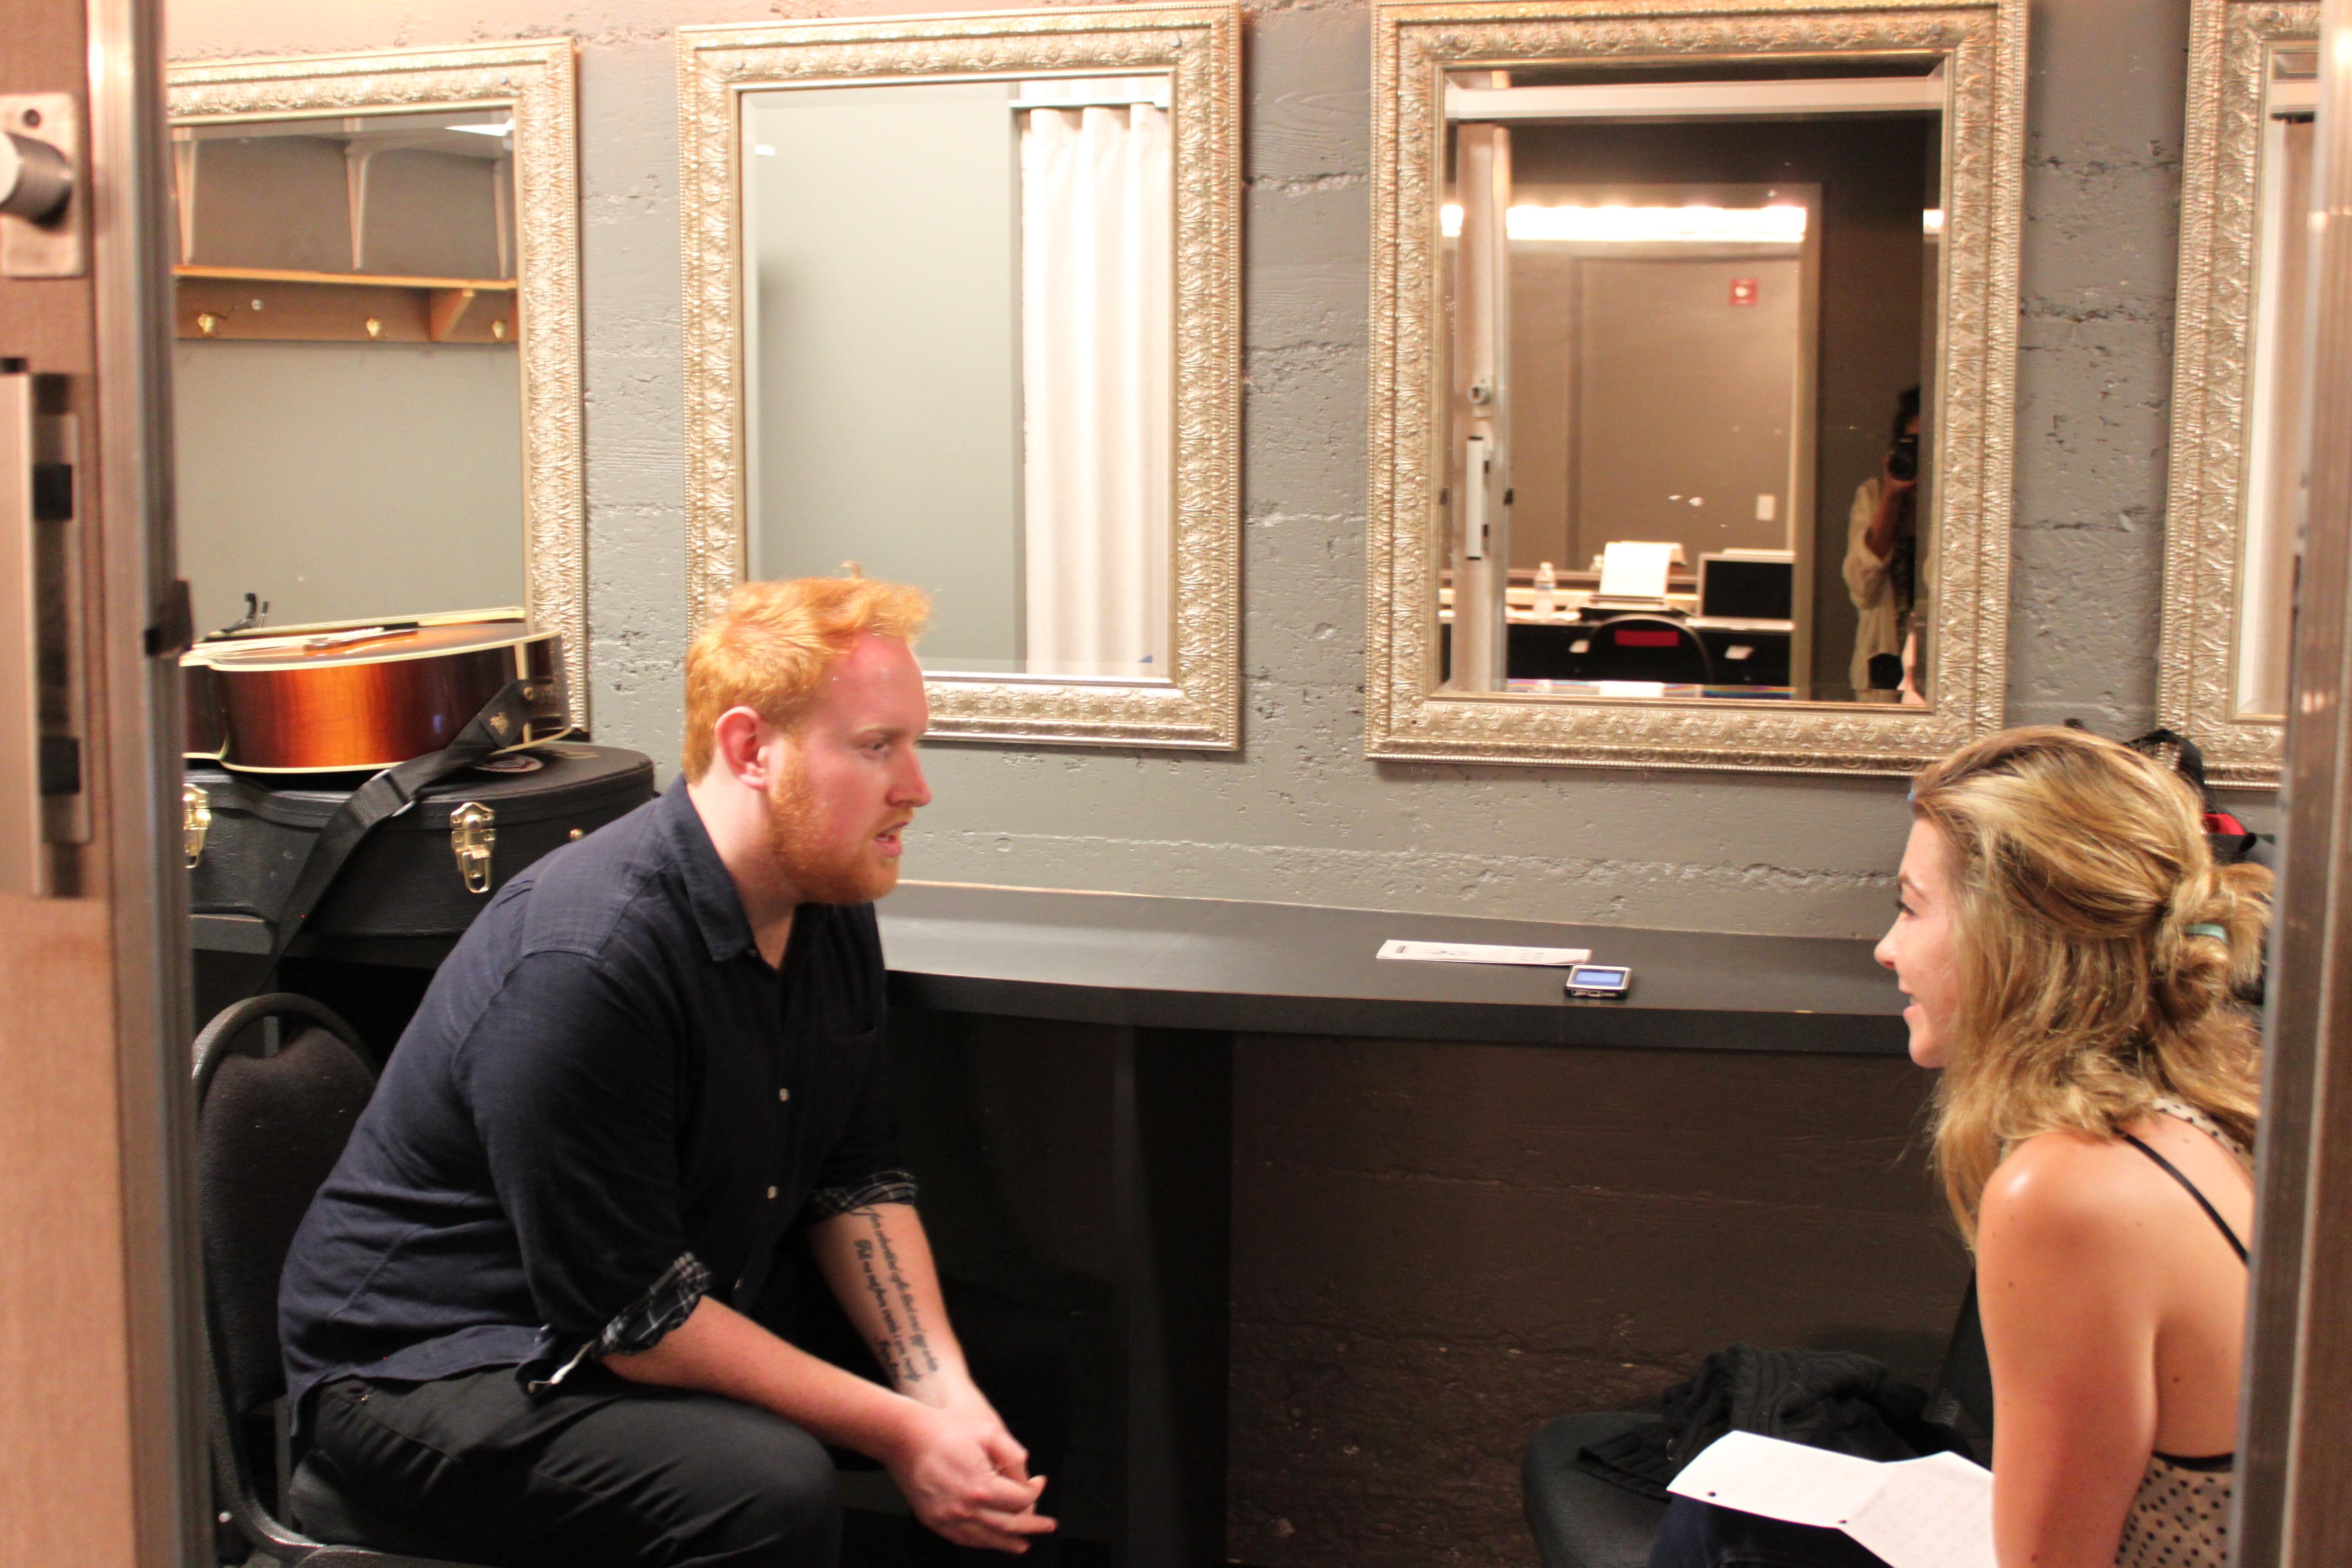 artist interview gavin james kcr college radio artist interview gavin james